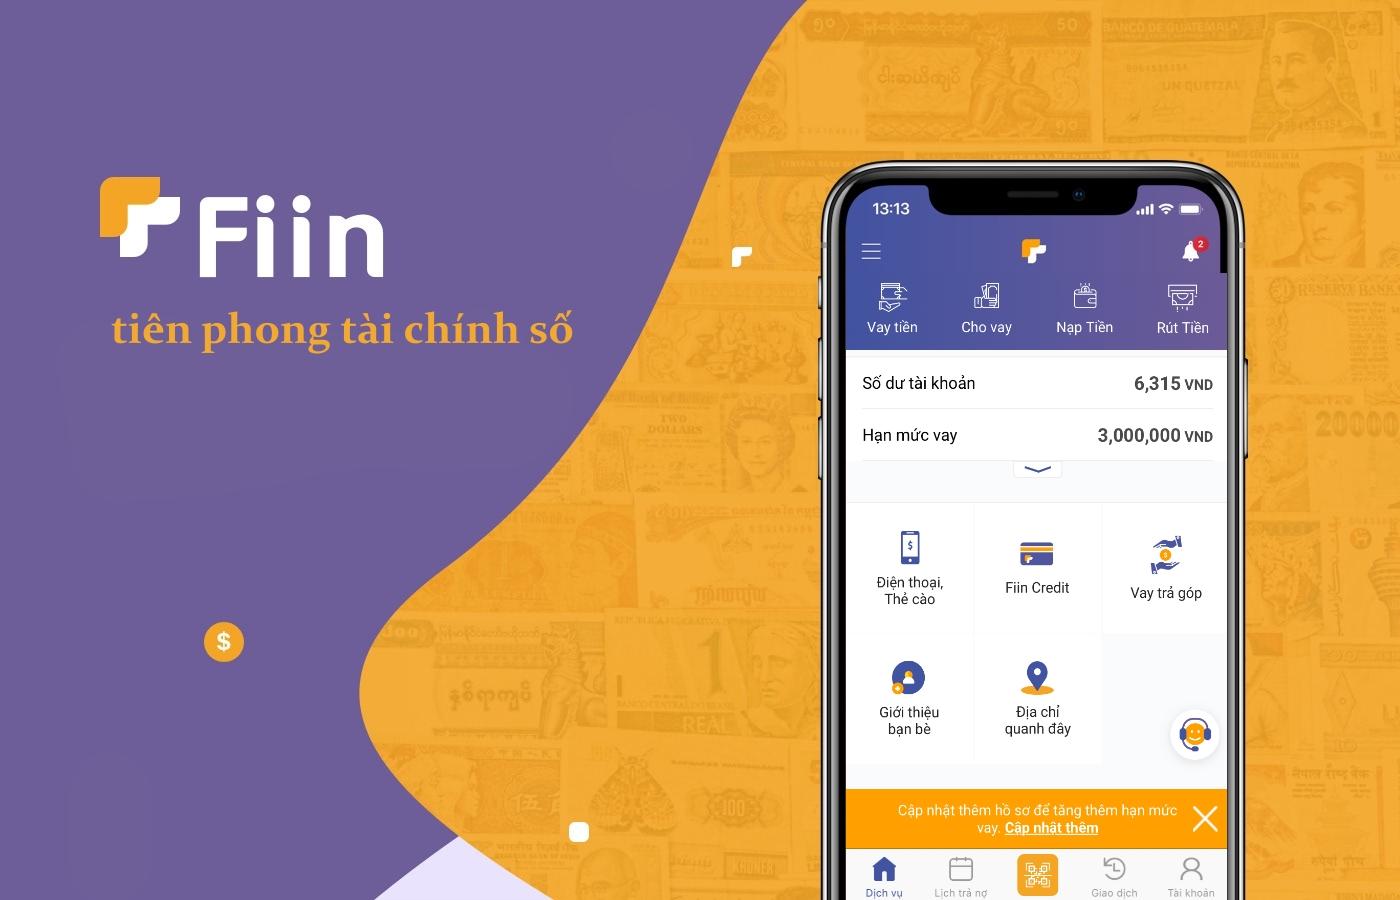 Fiin là một trong những ứng dụng cho vay ngang hàng uy tín hàng đầu Việt Nam